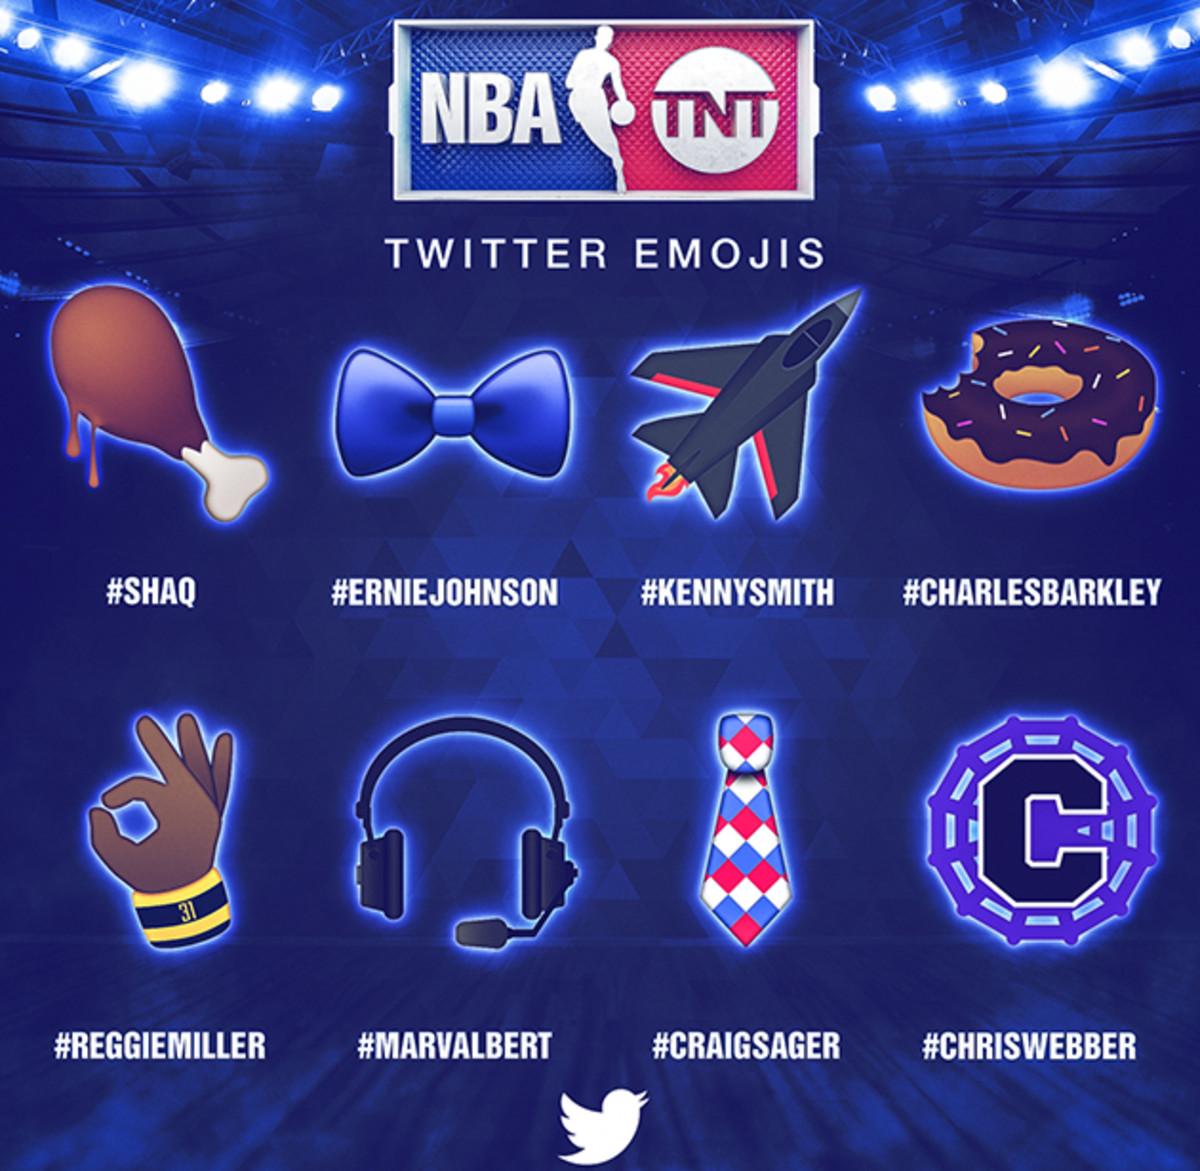 nba-all-star-emojis-tnt-crew.jpg